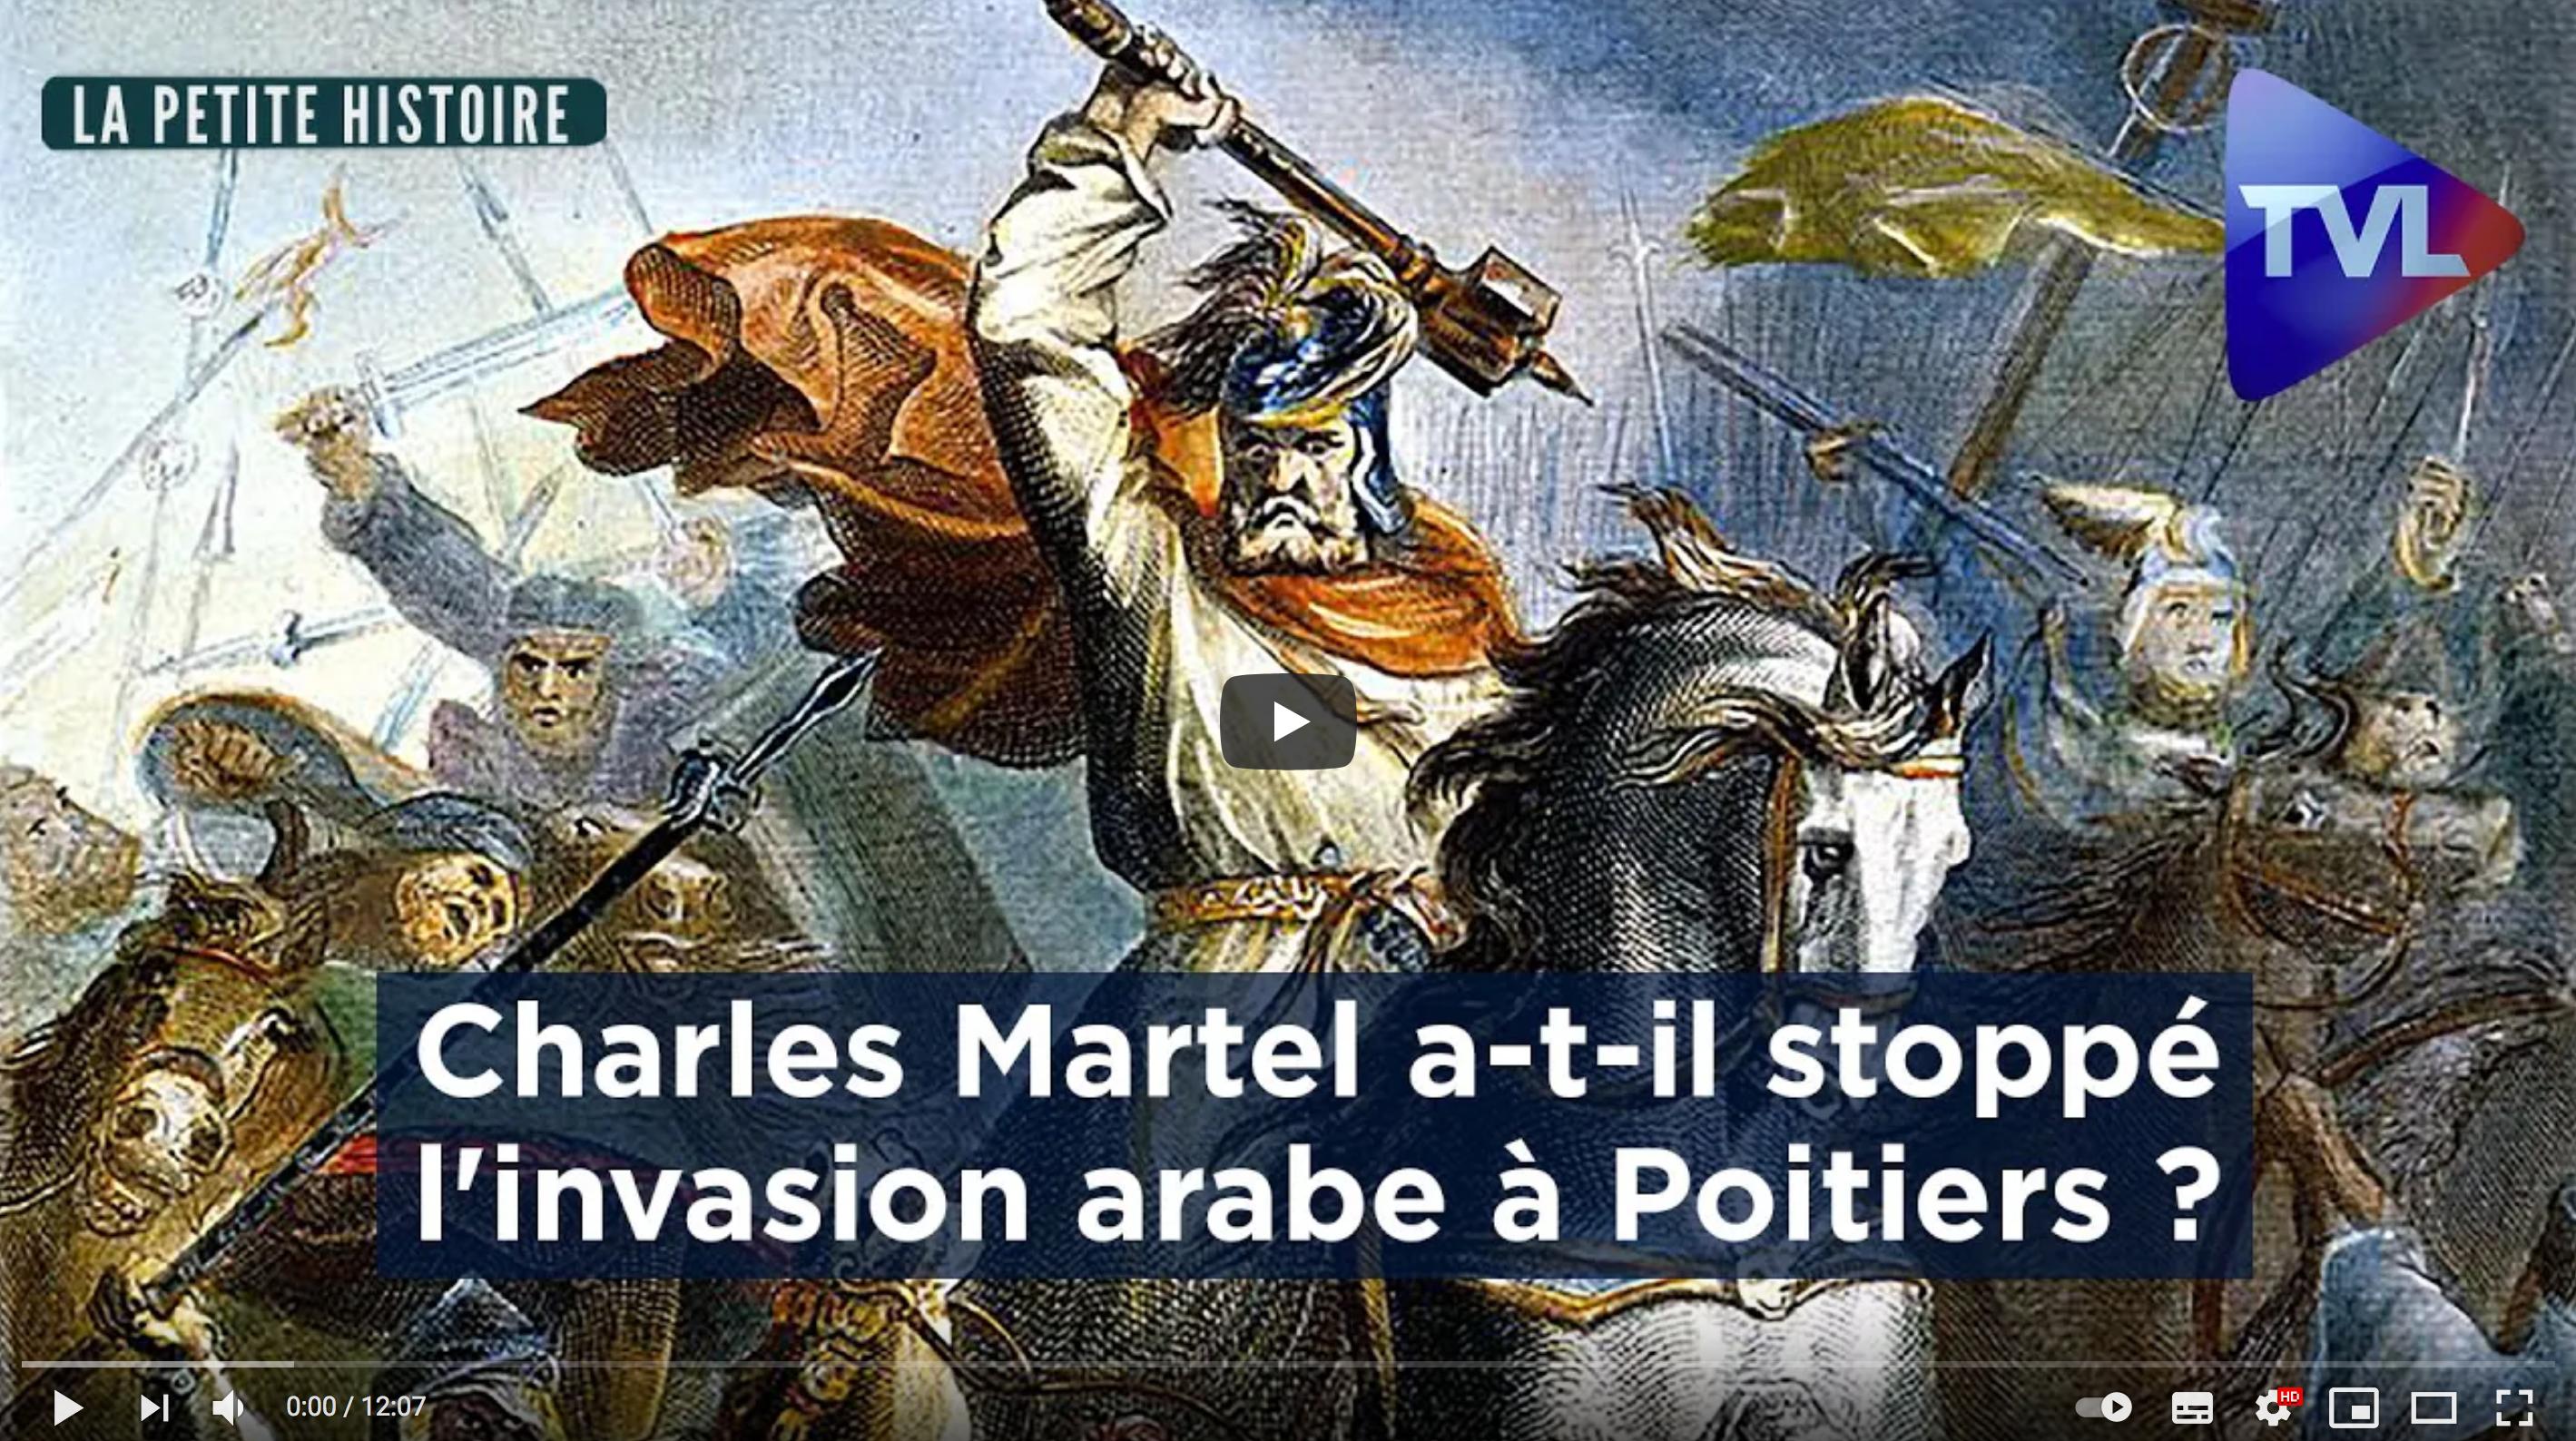 Charles Martel a-t-il stoppé l'invasion arabe à Poitiers ? (La Petite Histoire)